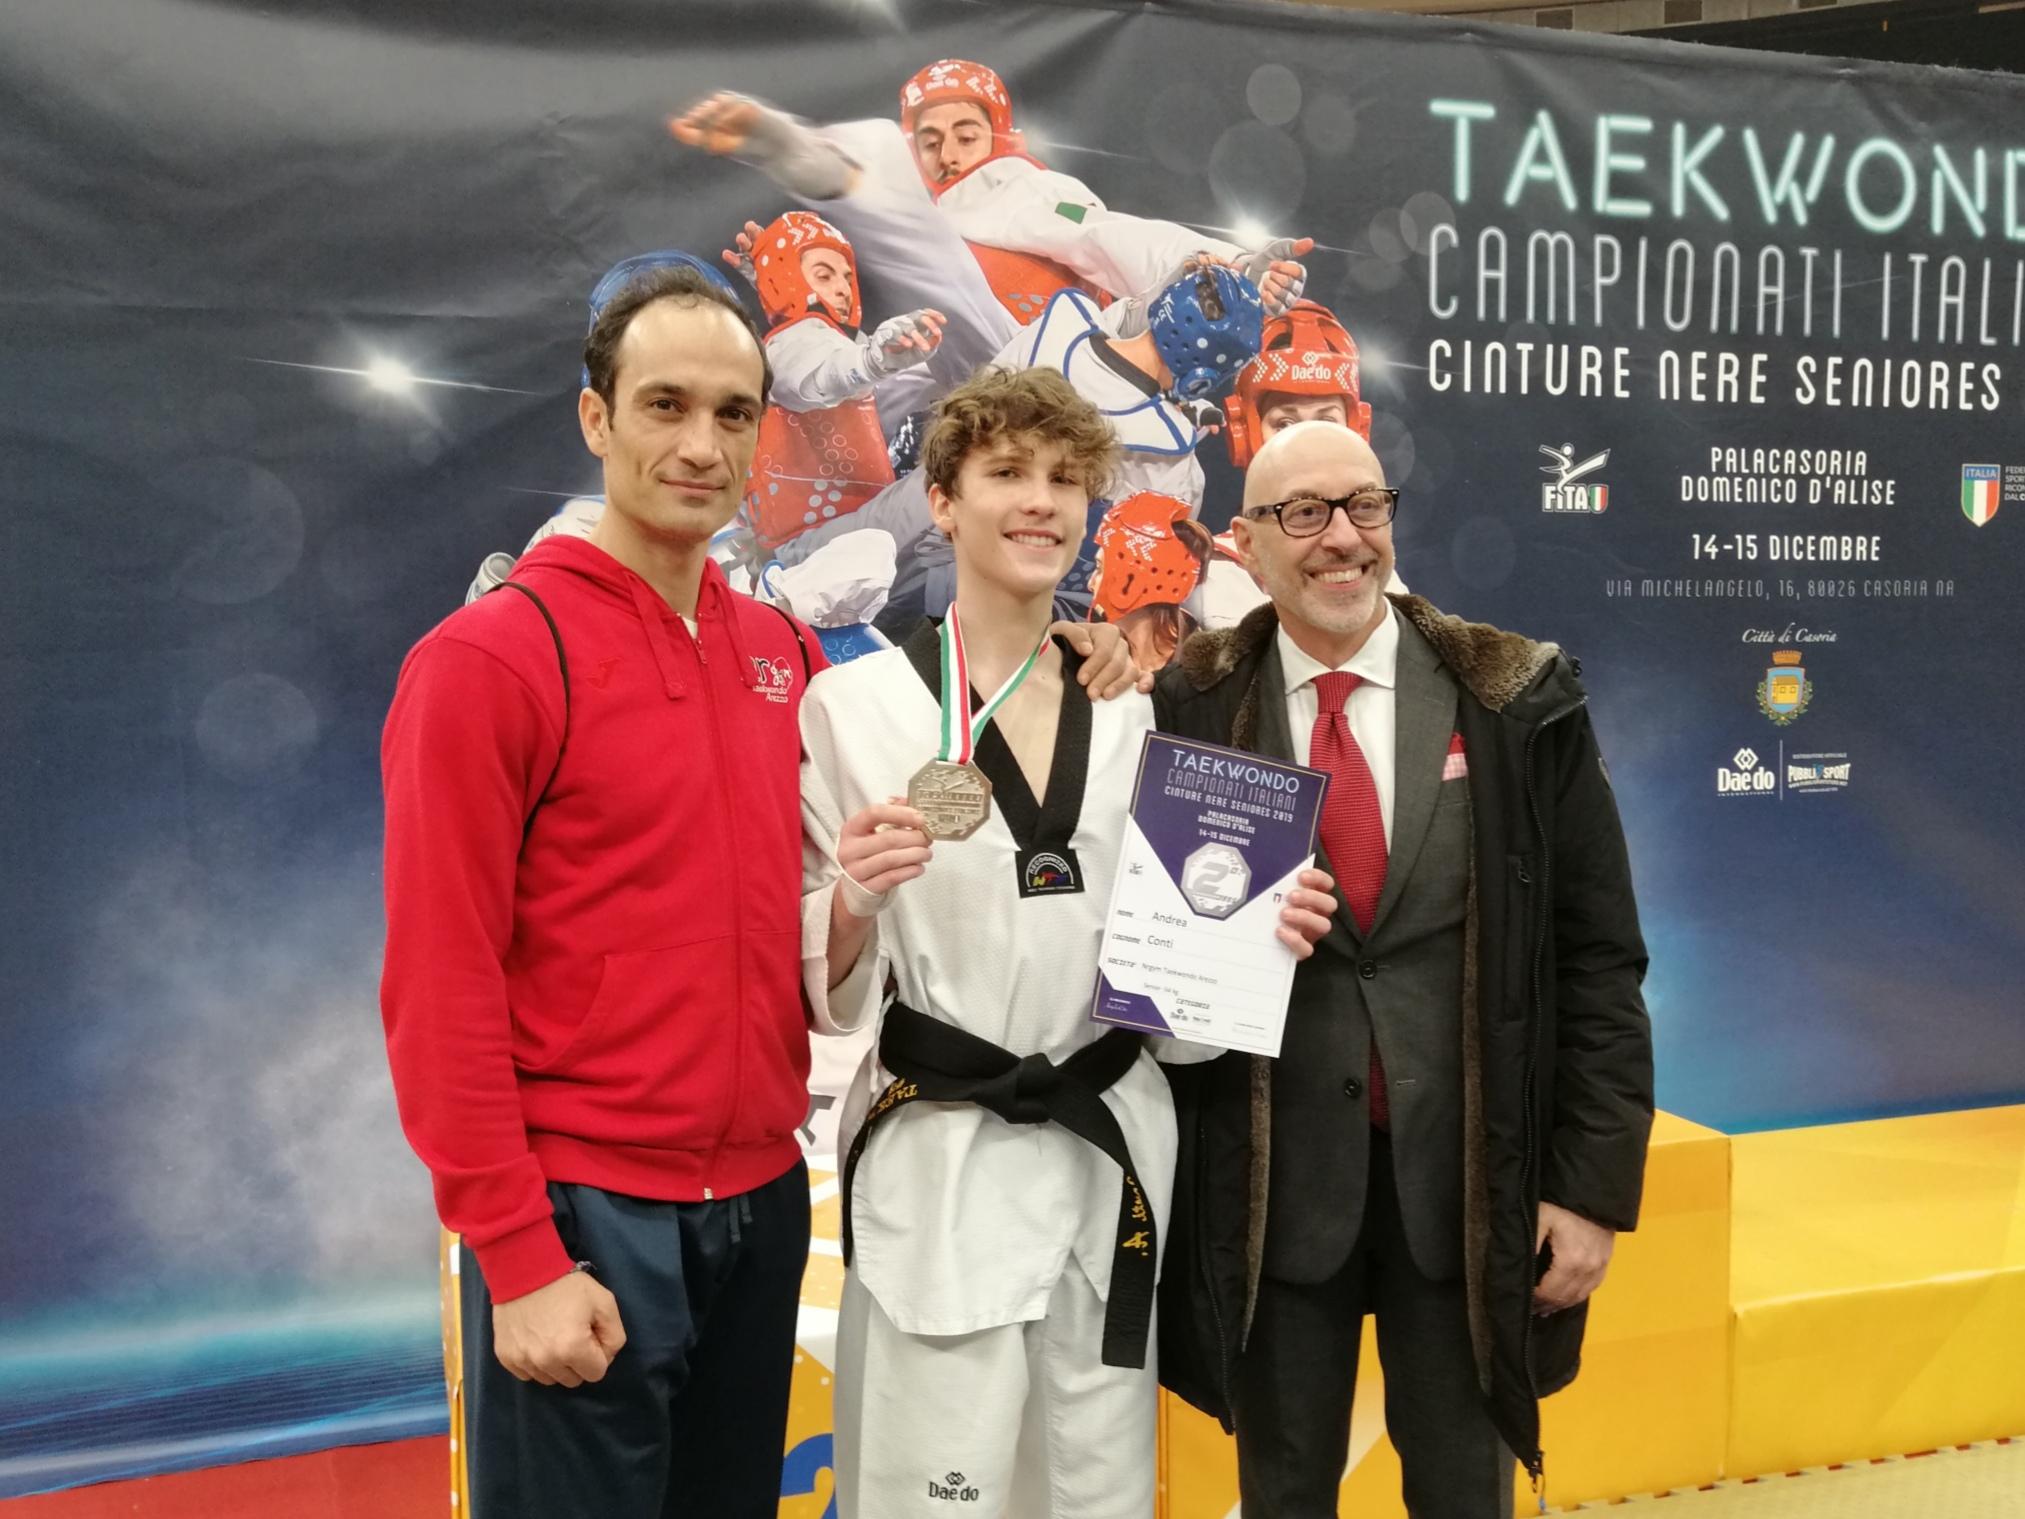 Andrea Conti argento ai Campionati Seniores di Taekwondo